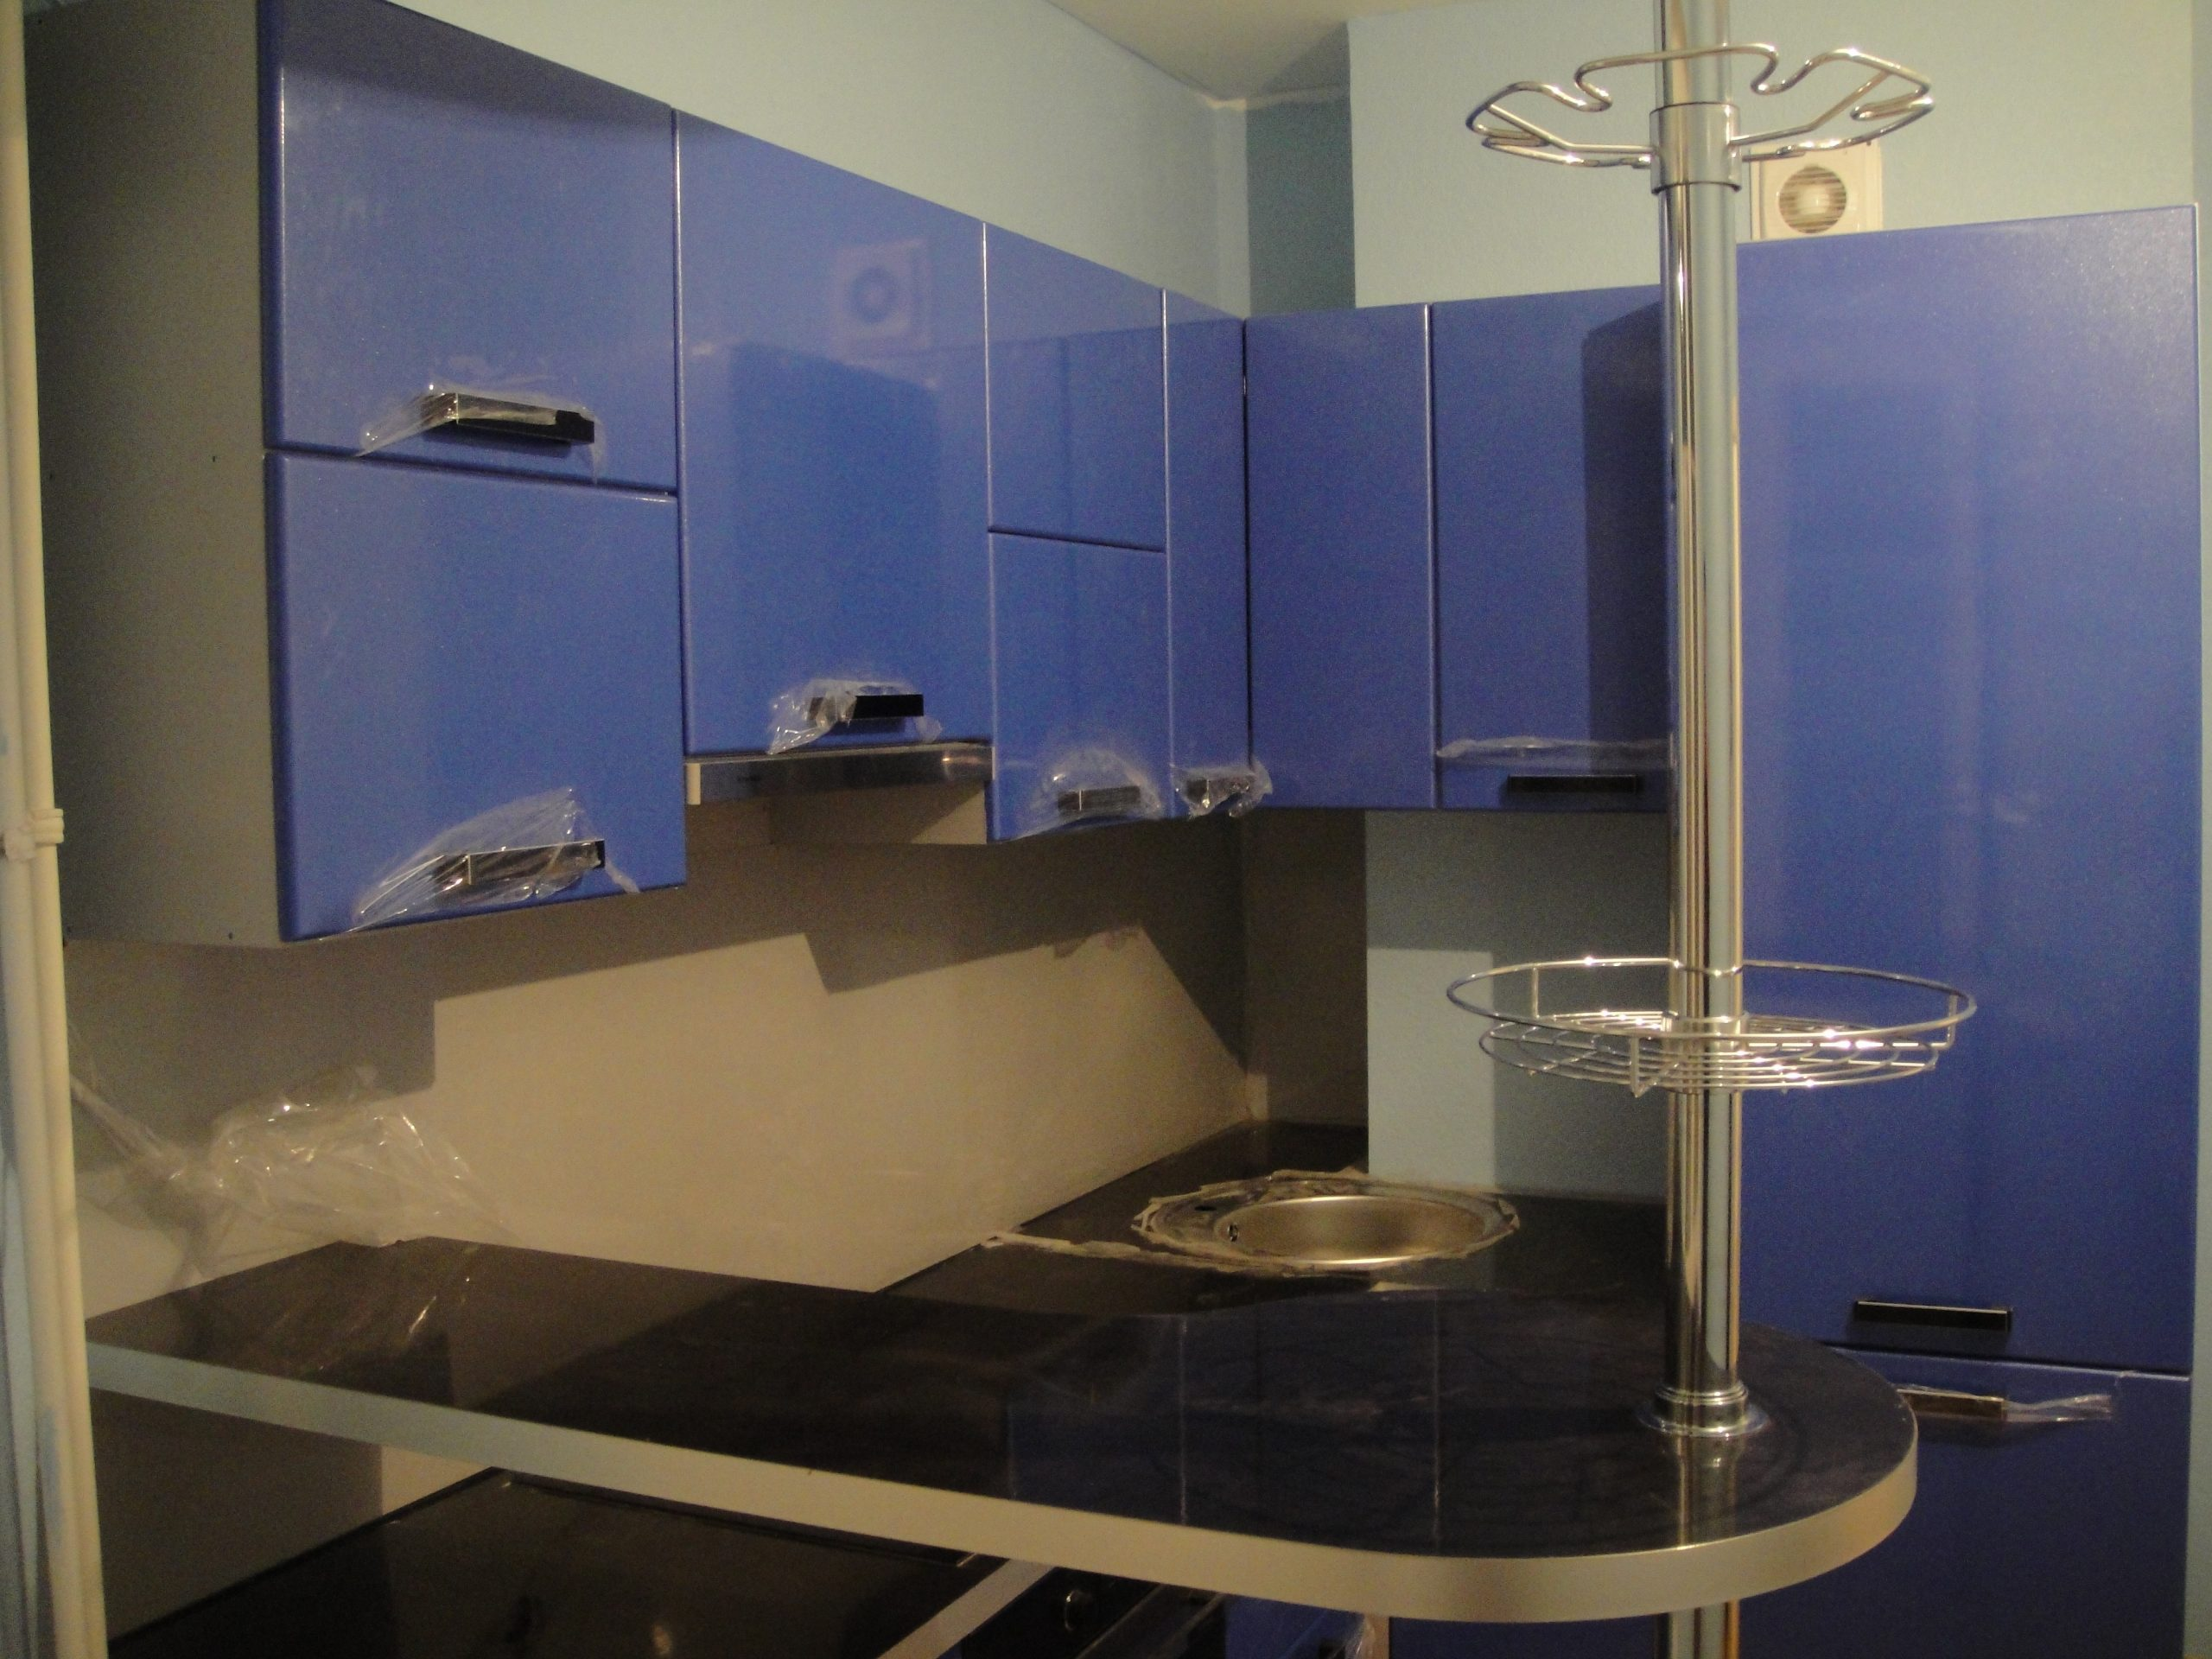 стойка перпендикулярна кухонной мебели